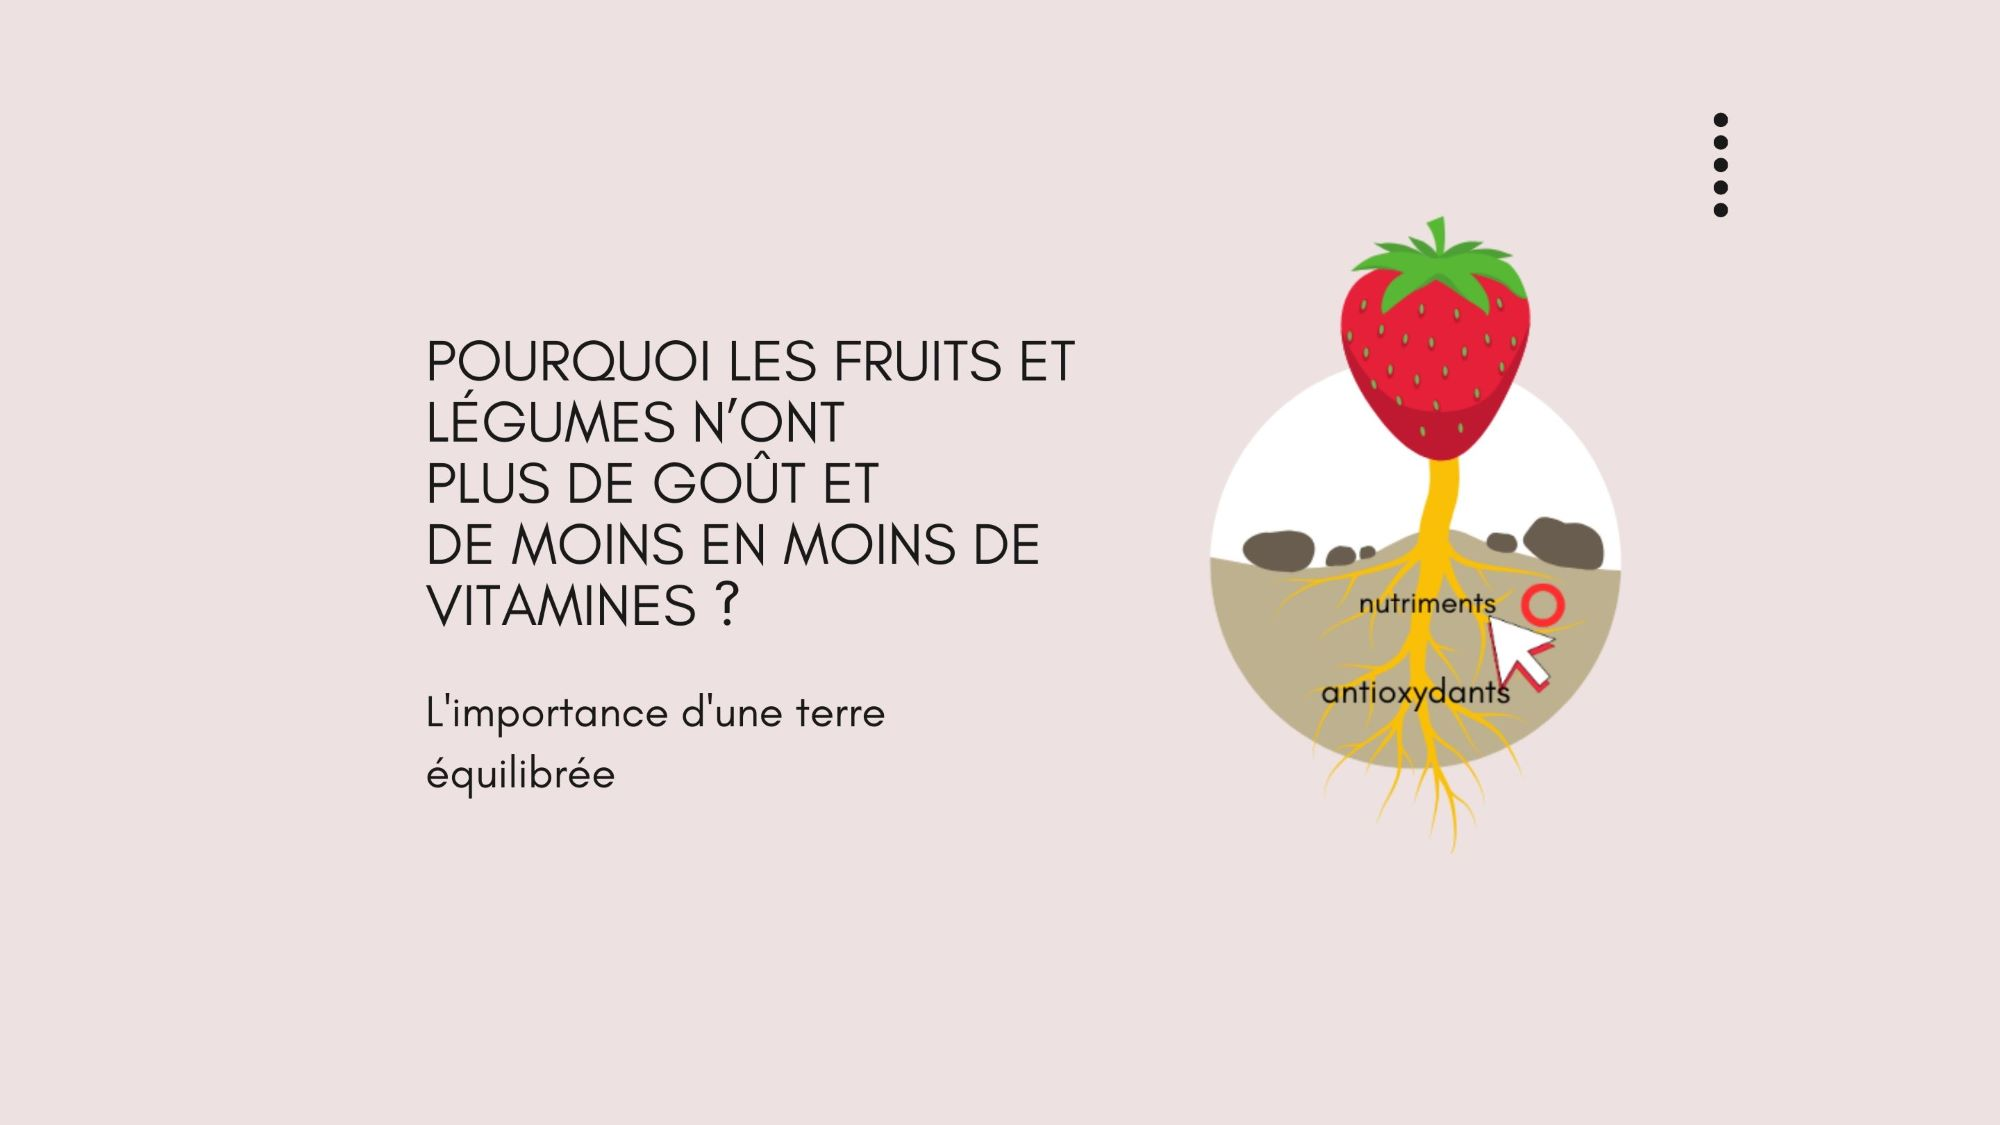 Pourquoi les fruits et légumes n'ont plus de goût et de moins en moins de vitamines ? L'importance d'une terre équilibrée.